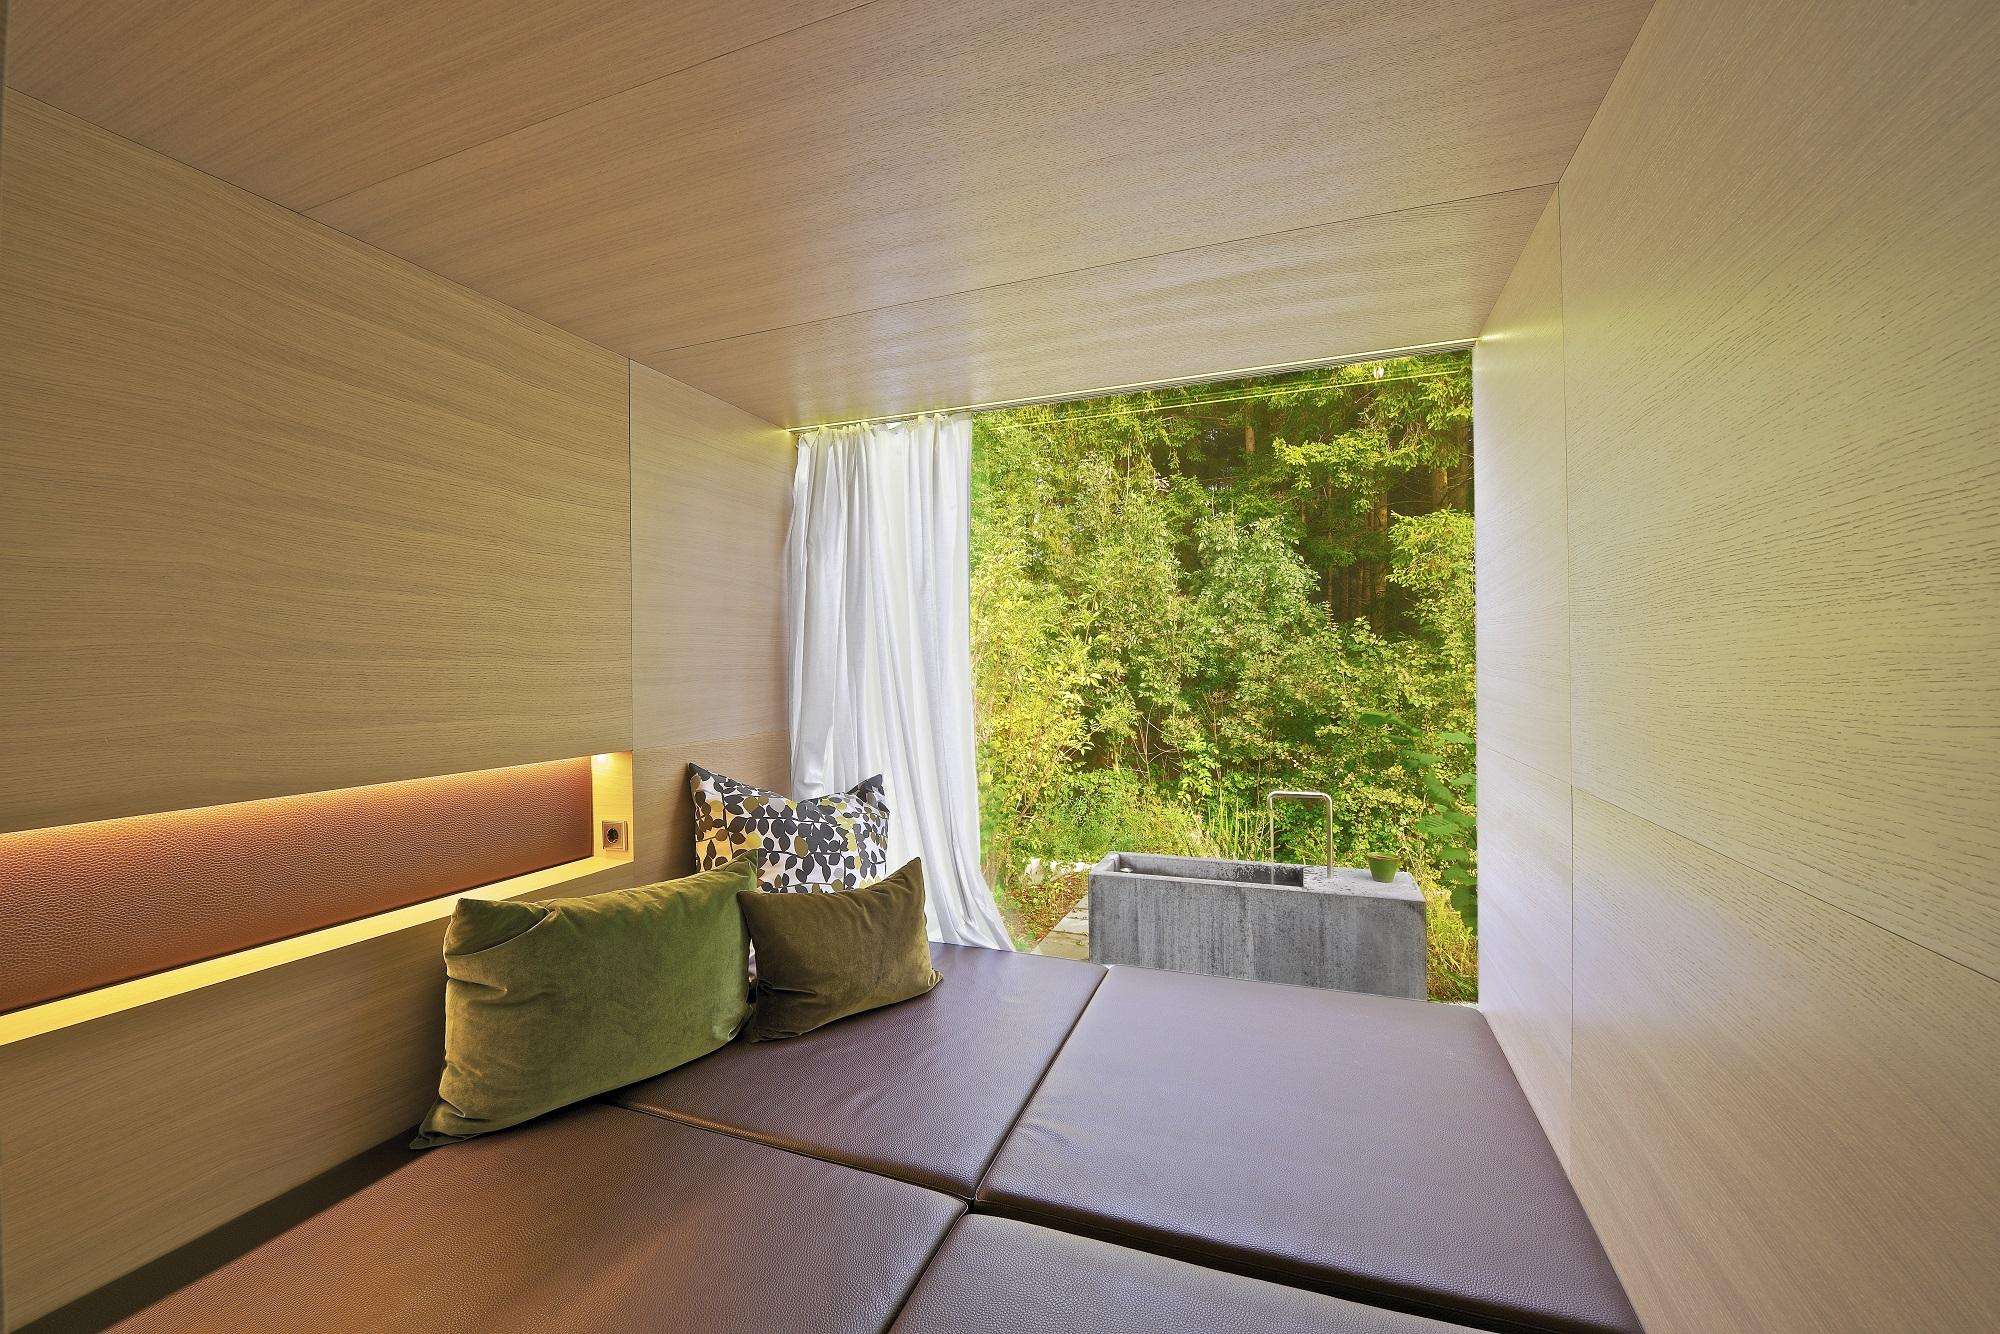 Privater Ausblick in die Wald- und Wiesenlandschaft vom Haus am Wald